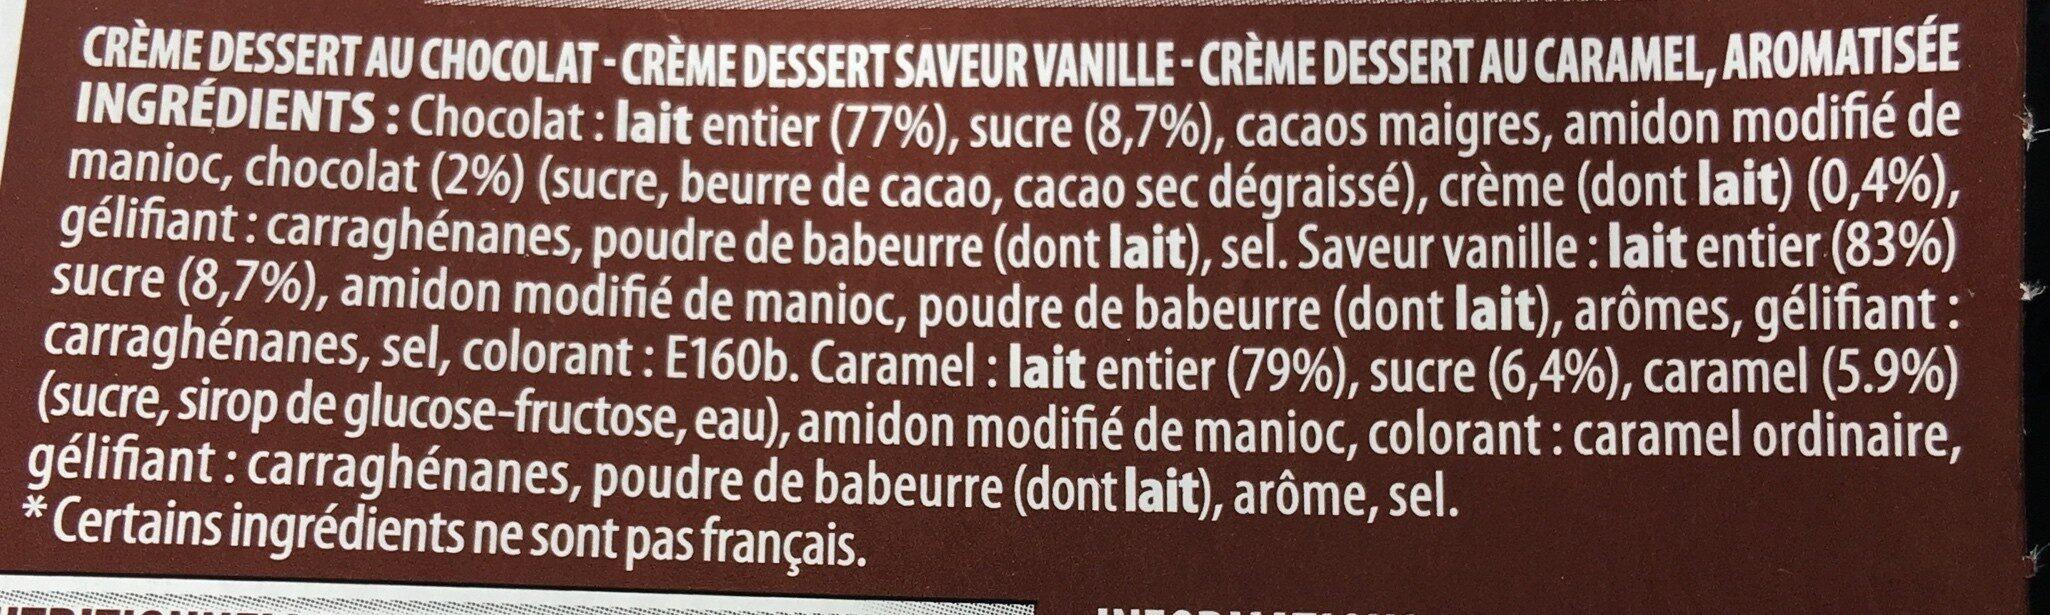 Paturette 4 chocolat 4 caramel 4 saveur vanille - Ingrédients - fr